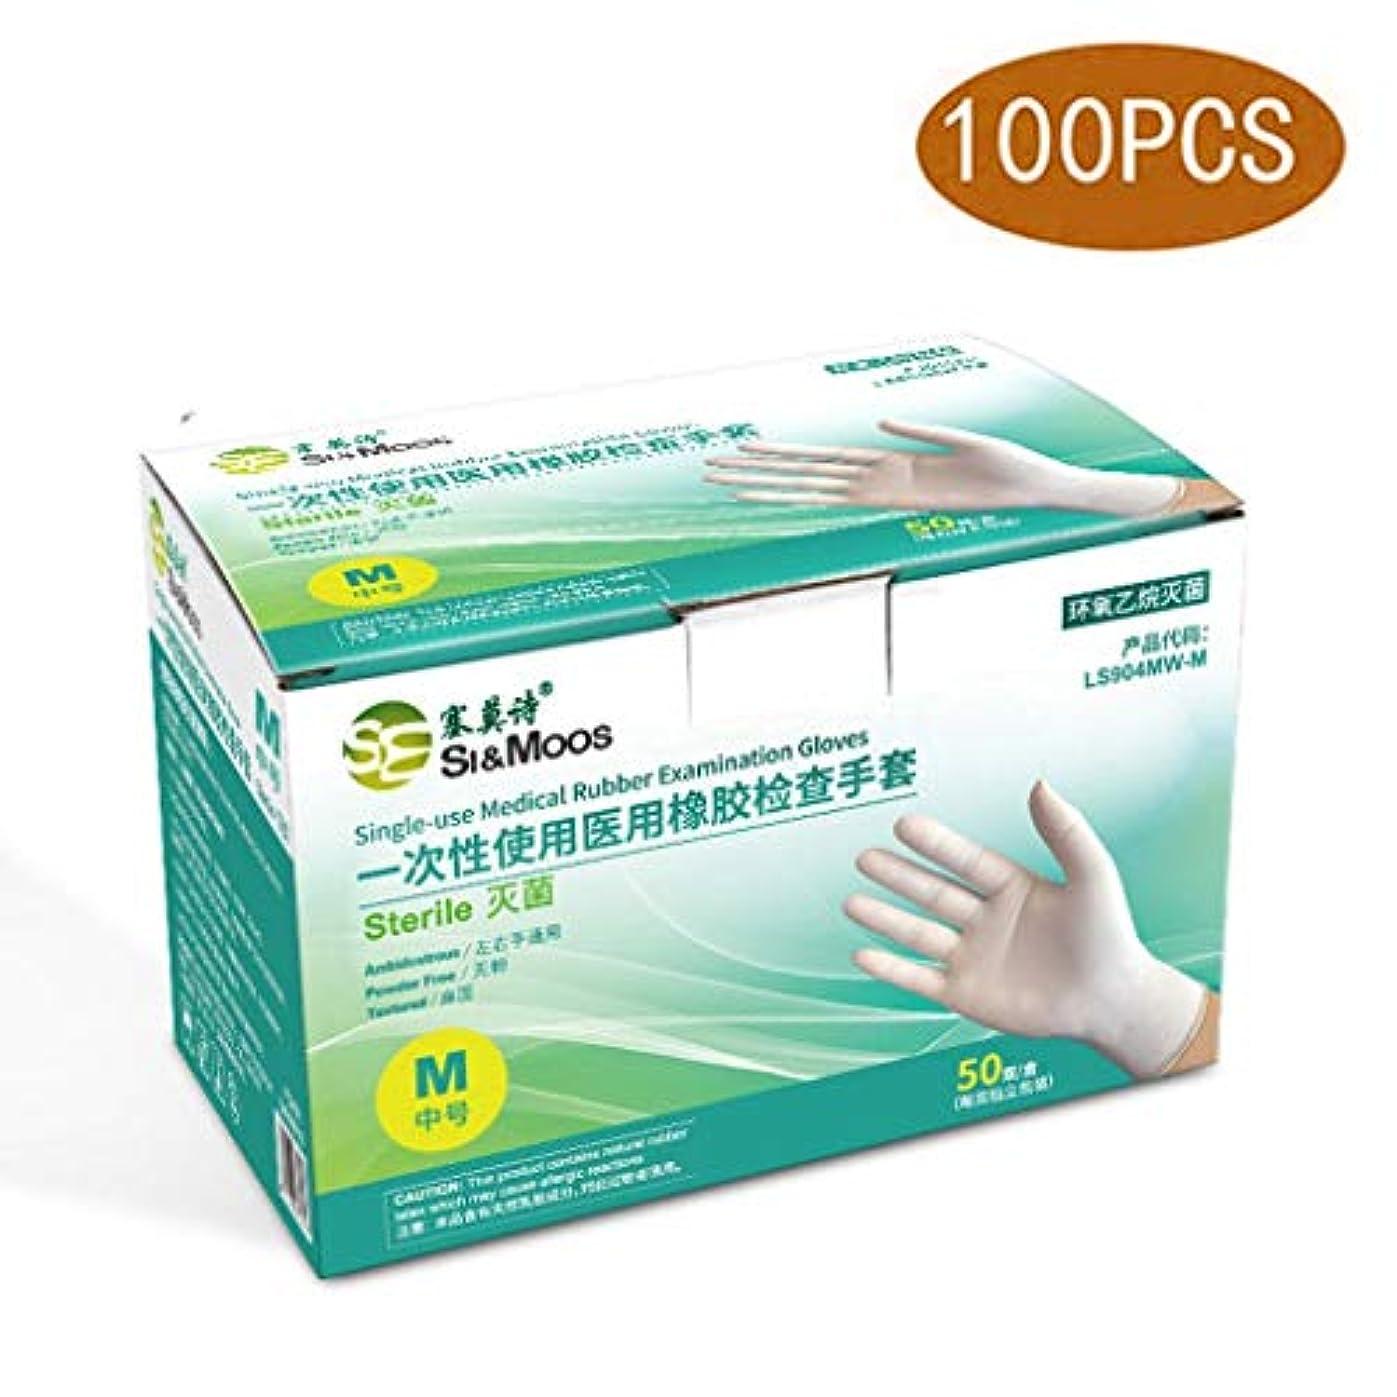 おじいちゃん詳細なライブ無菌ラテックス美容防水ゴムケータリングベーキング環境保護実験義務試験手袋 病院向けのプロフェッショナルグレード (Size : XS)